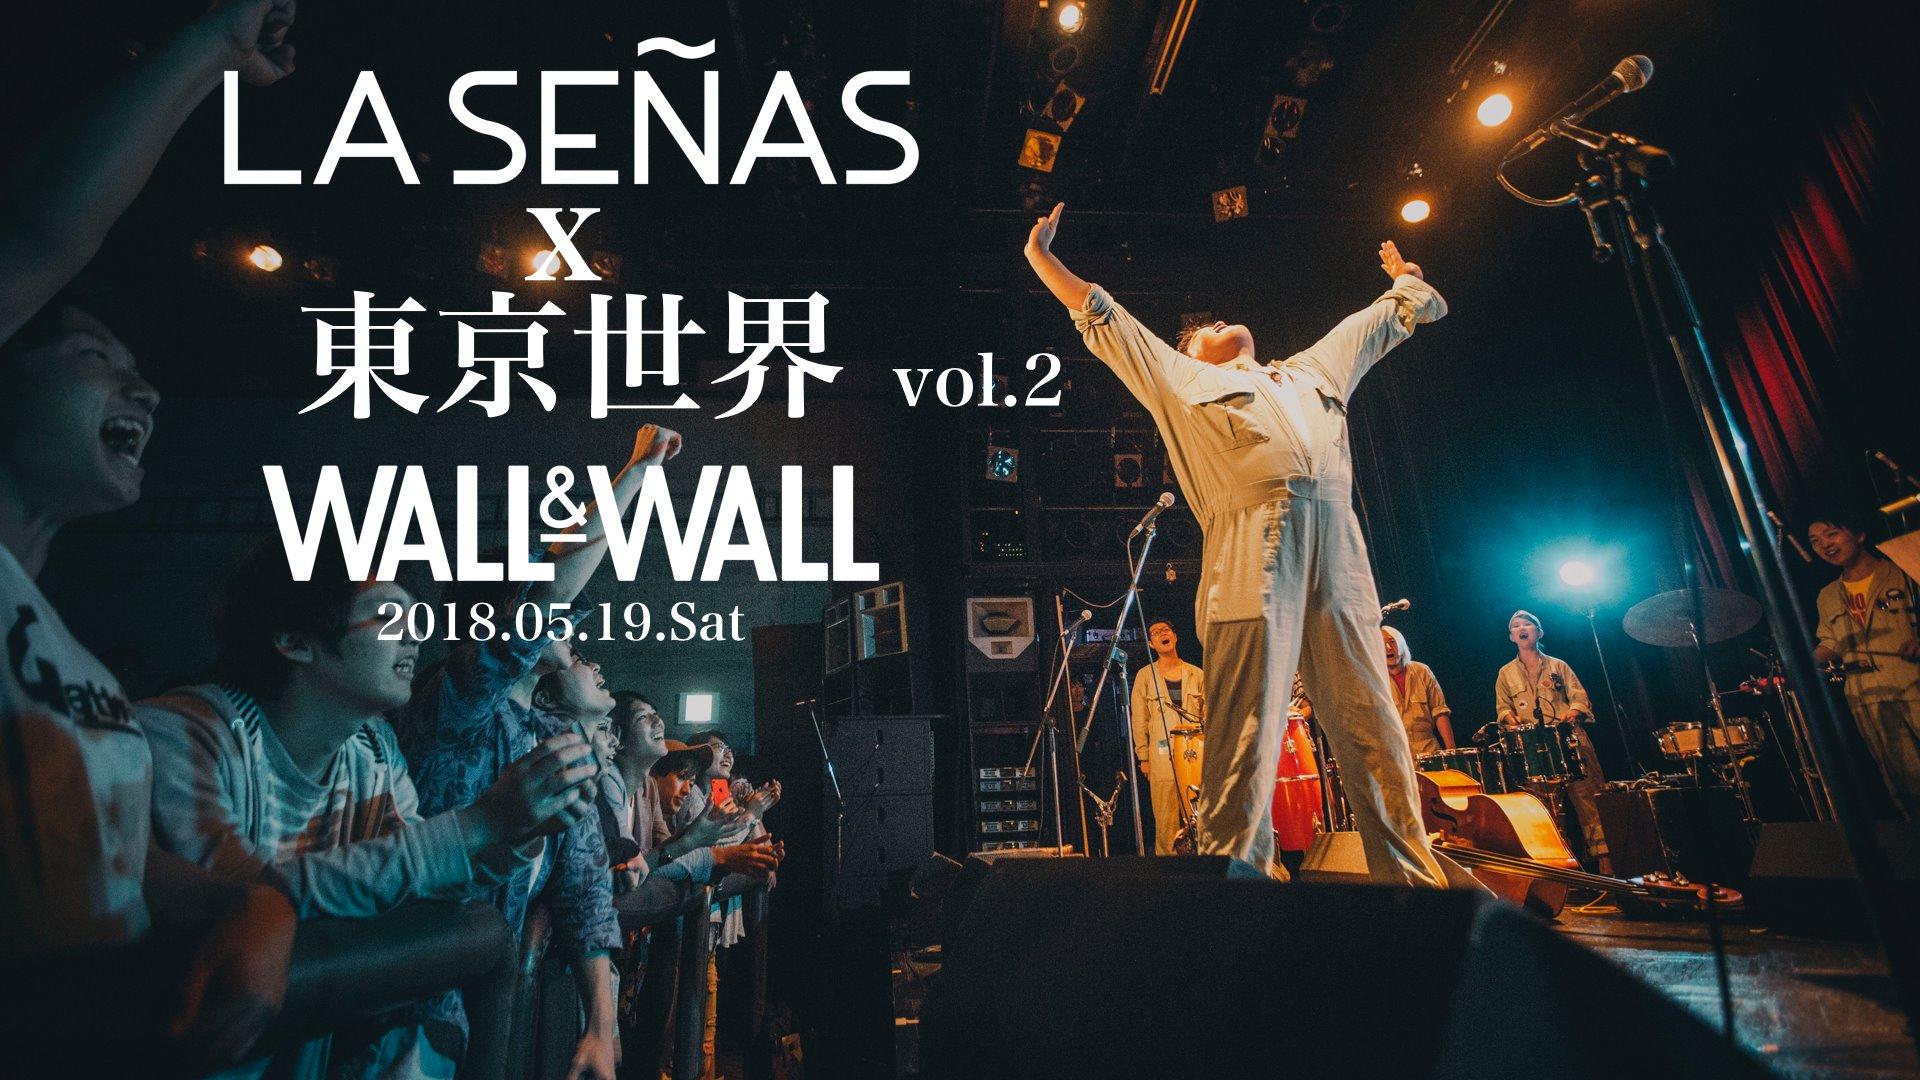 LA SEÑAS x 東京世界 vol.2【NIGHT】